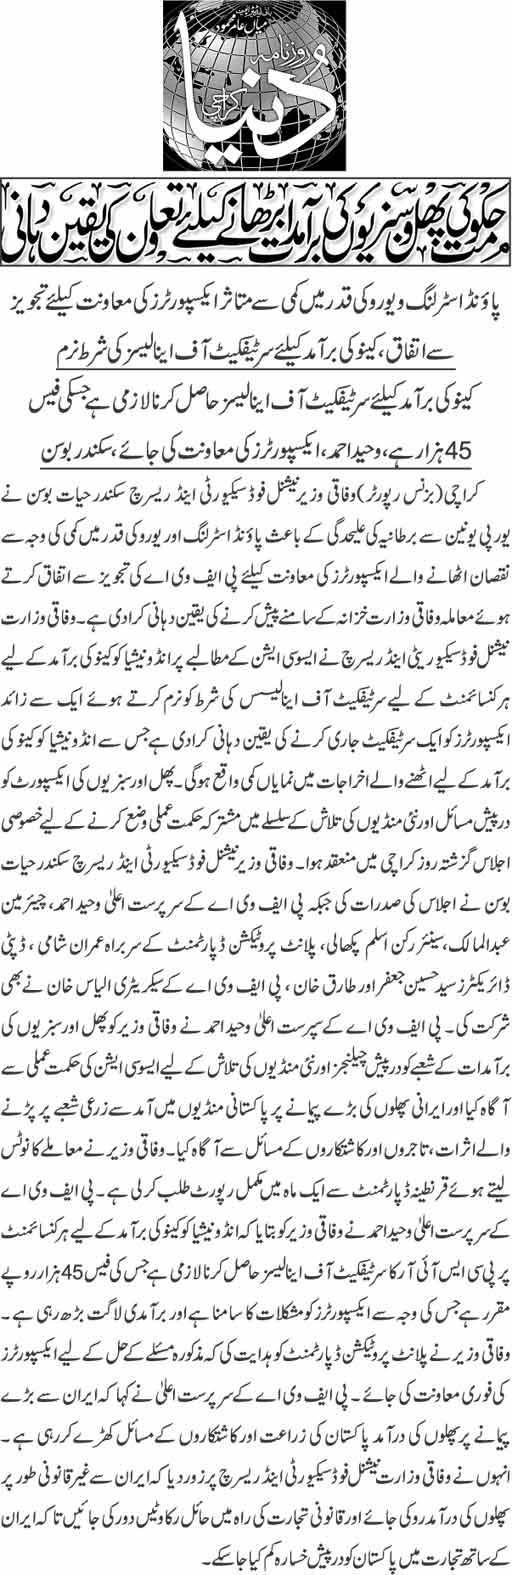 Daily Jang ePaper  Urdu Newspaper  jang News  jang ePaper